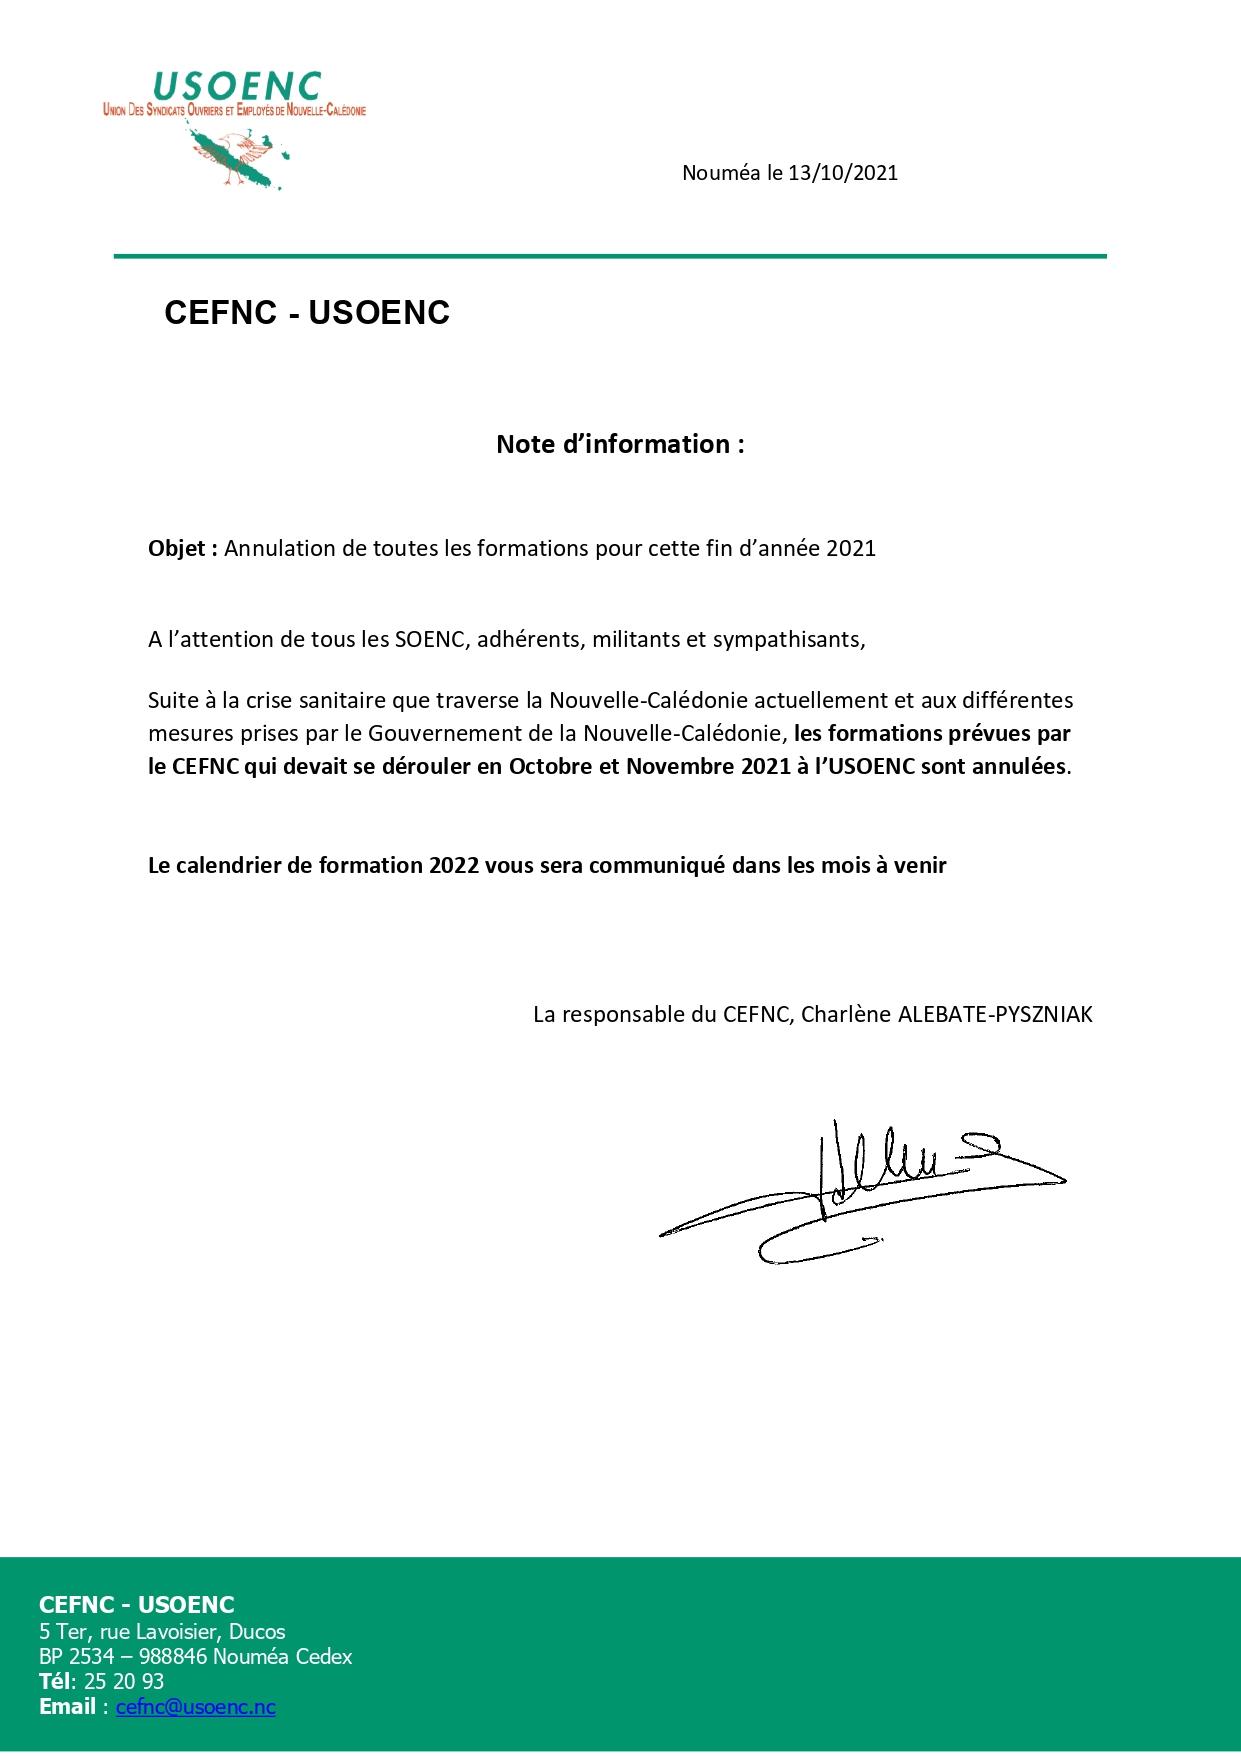 CEFNC : Annulation des formations pour cette fin d'année 2021